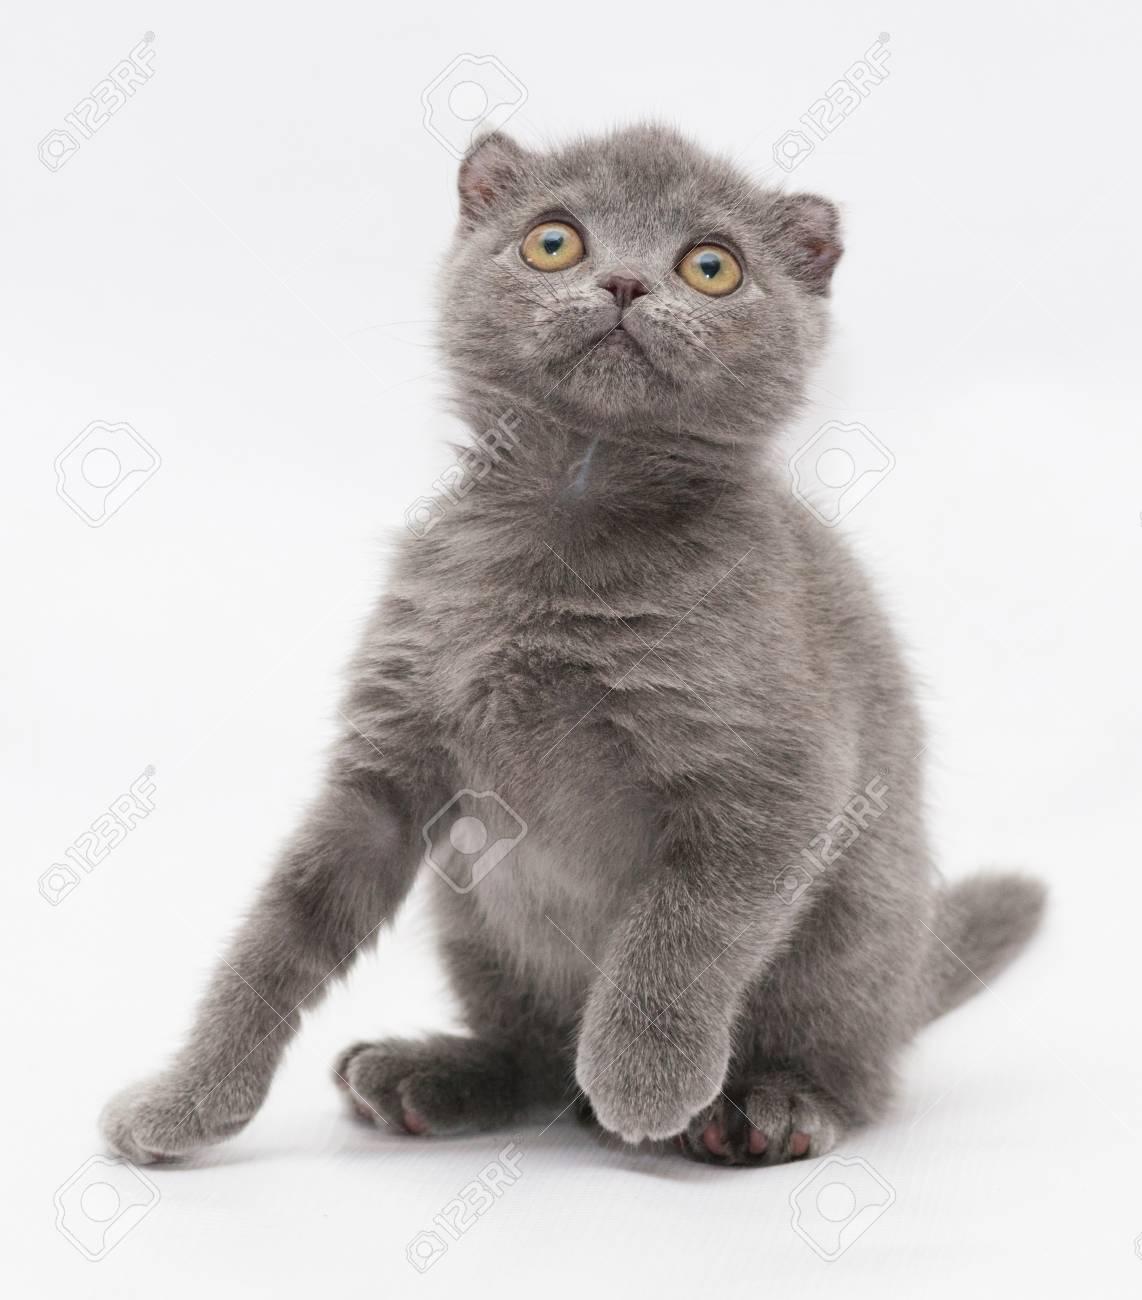 グレー ホワイト バック グラウンドの上を小さな青い子猫スコティッシュフォールド座って